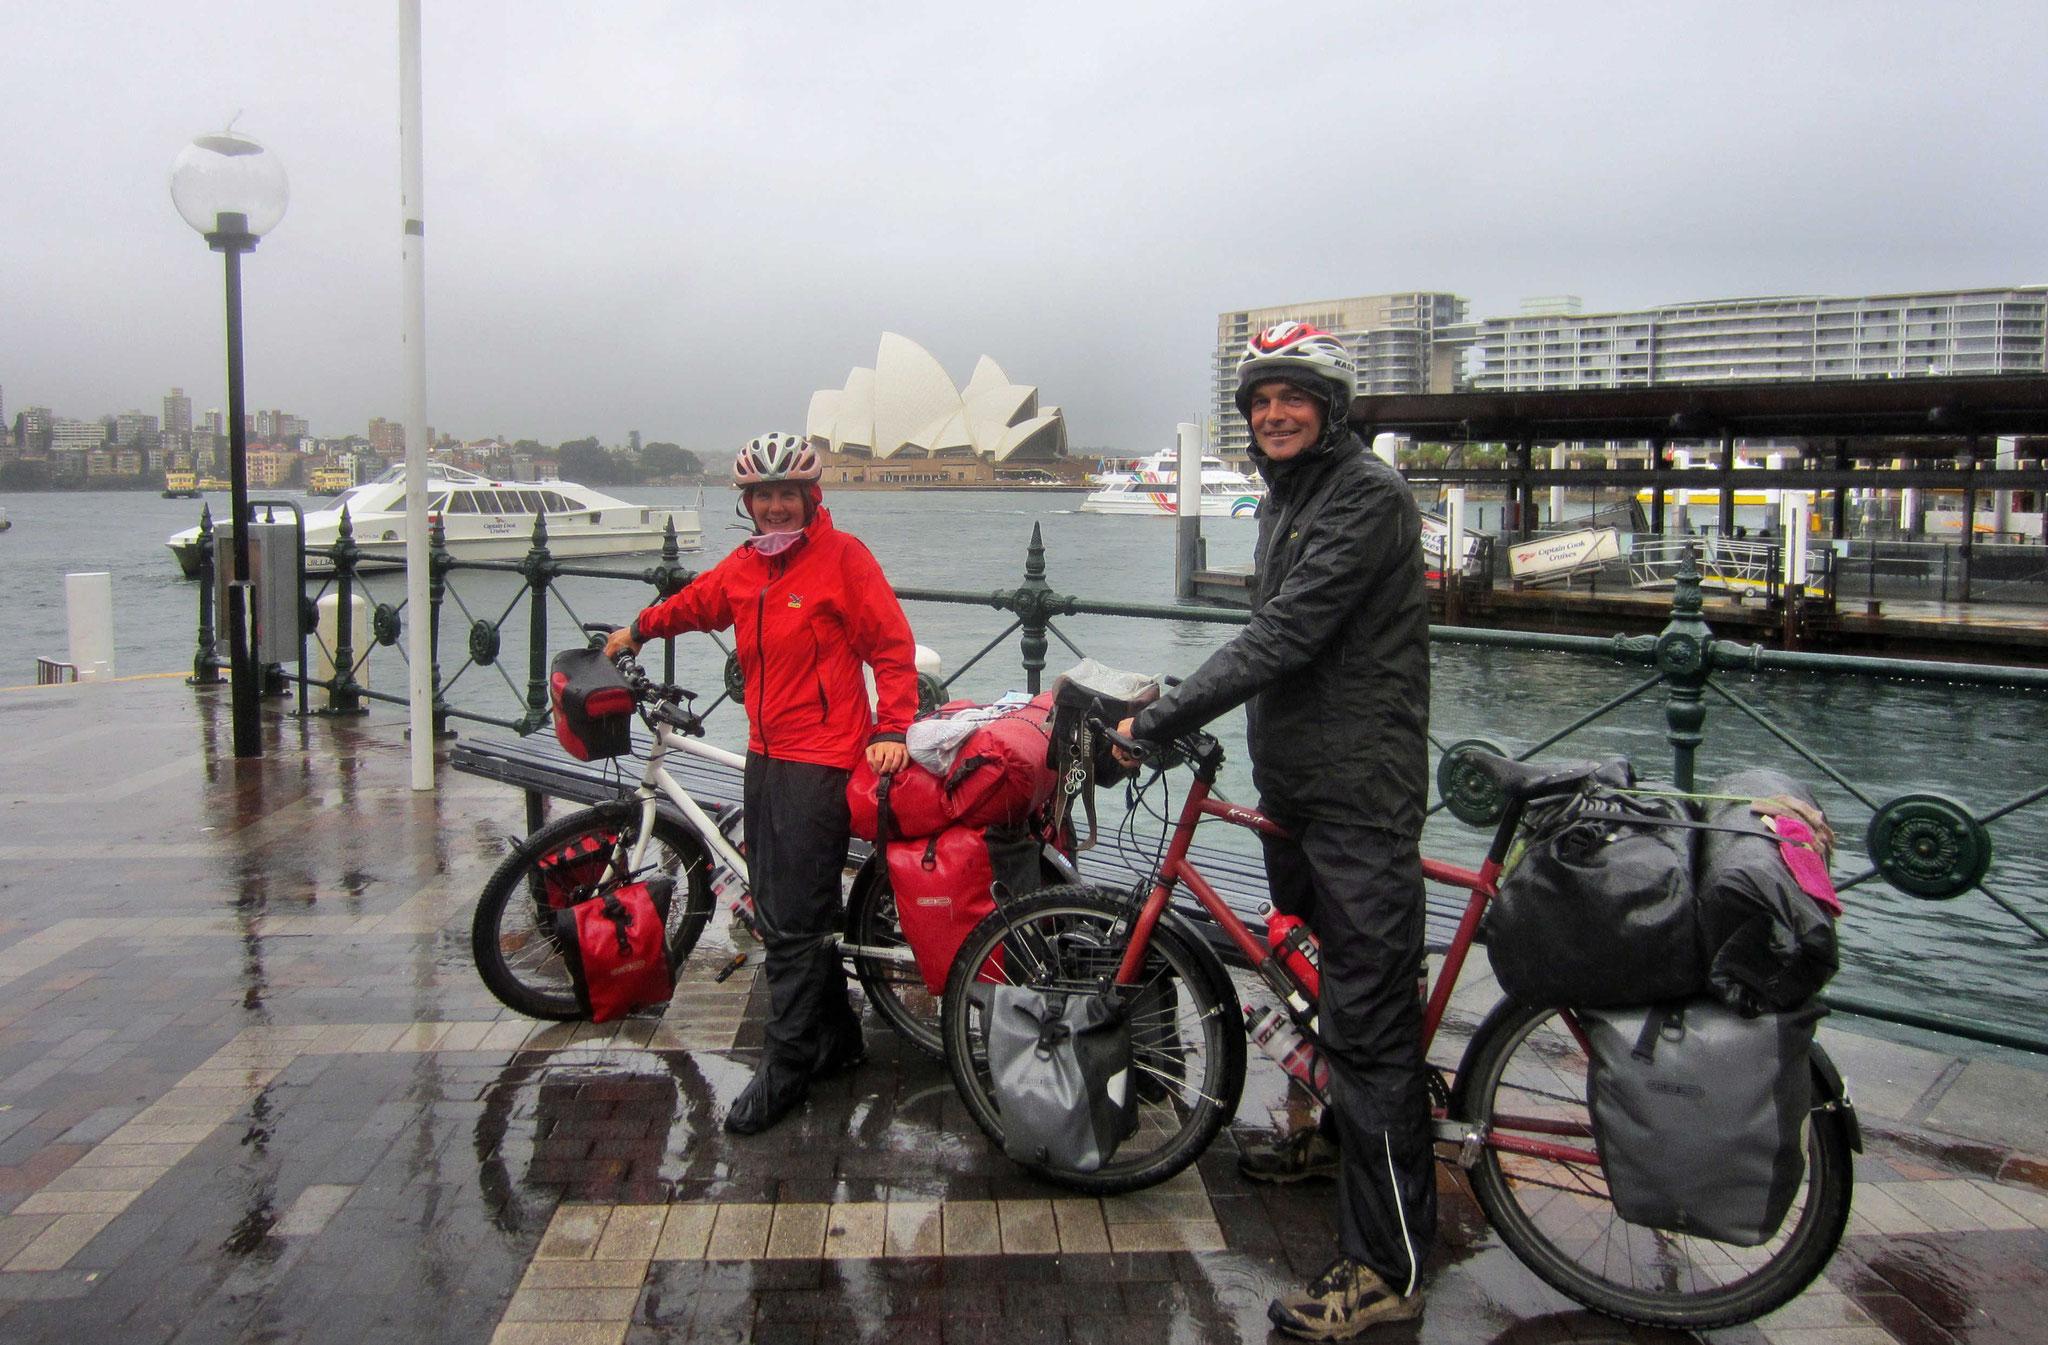 Ankunft in Sydney - Natürlich im Regen